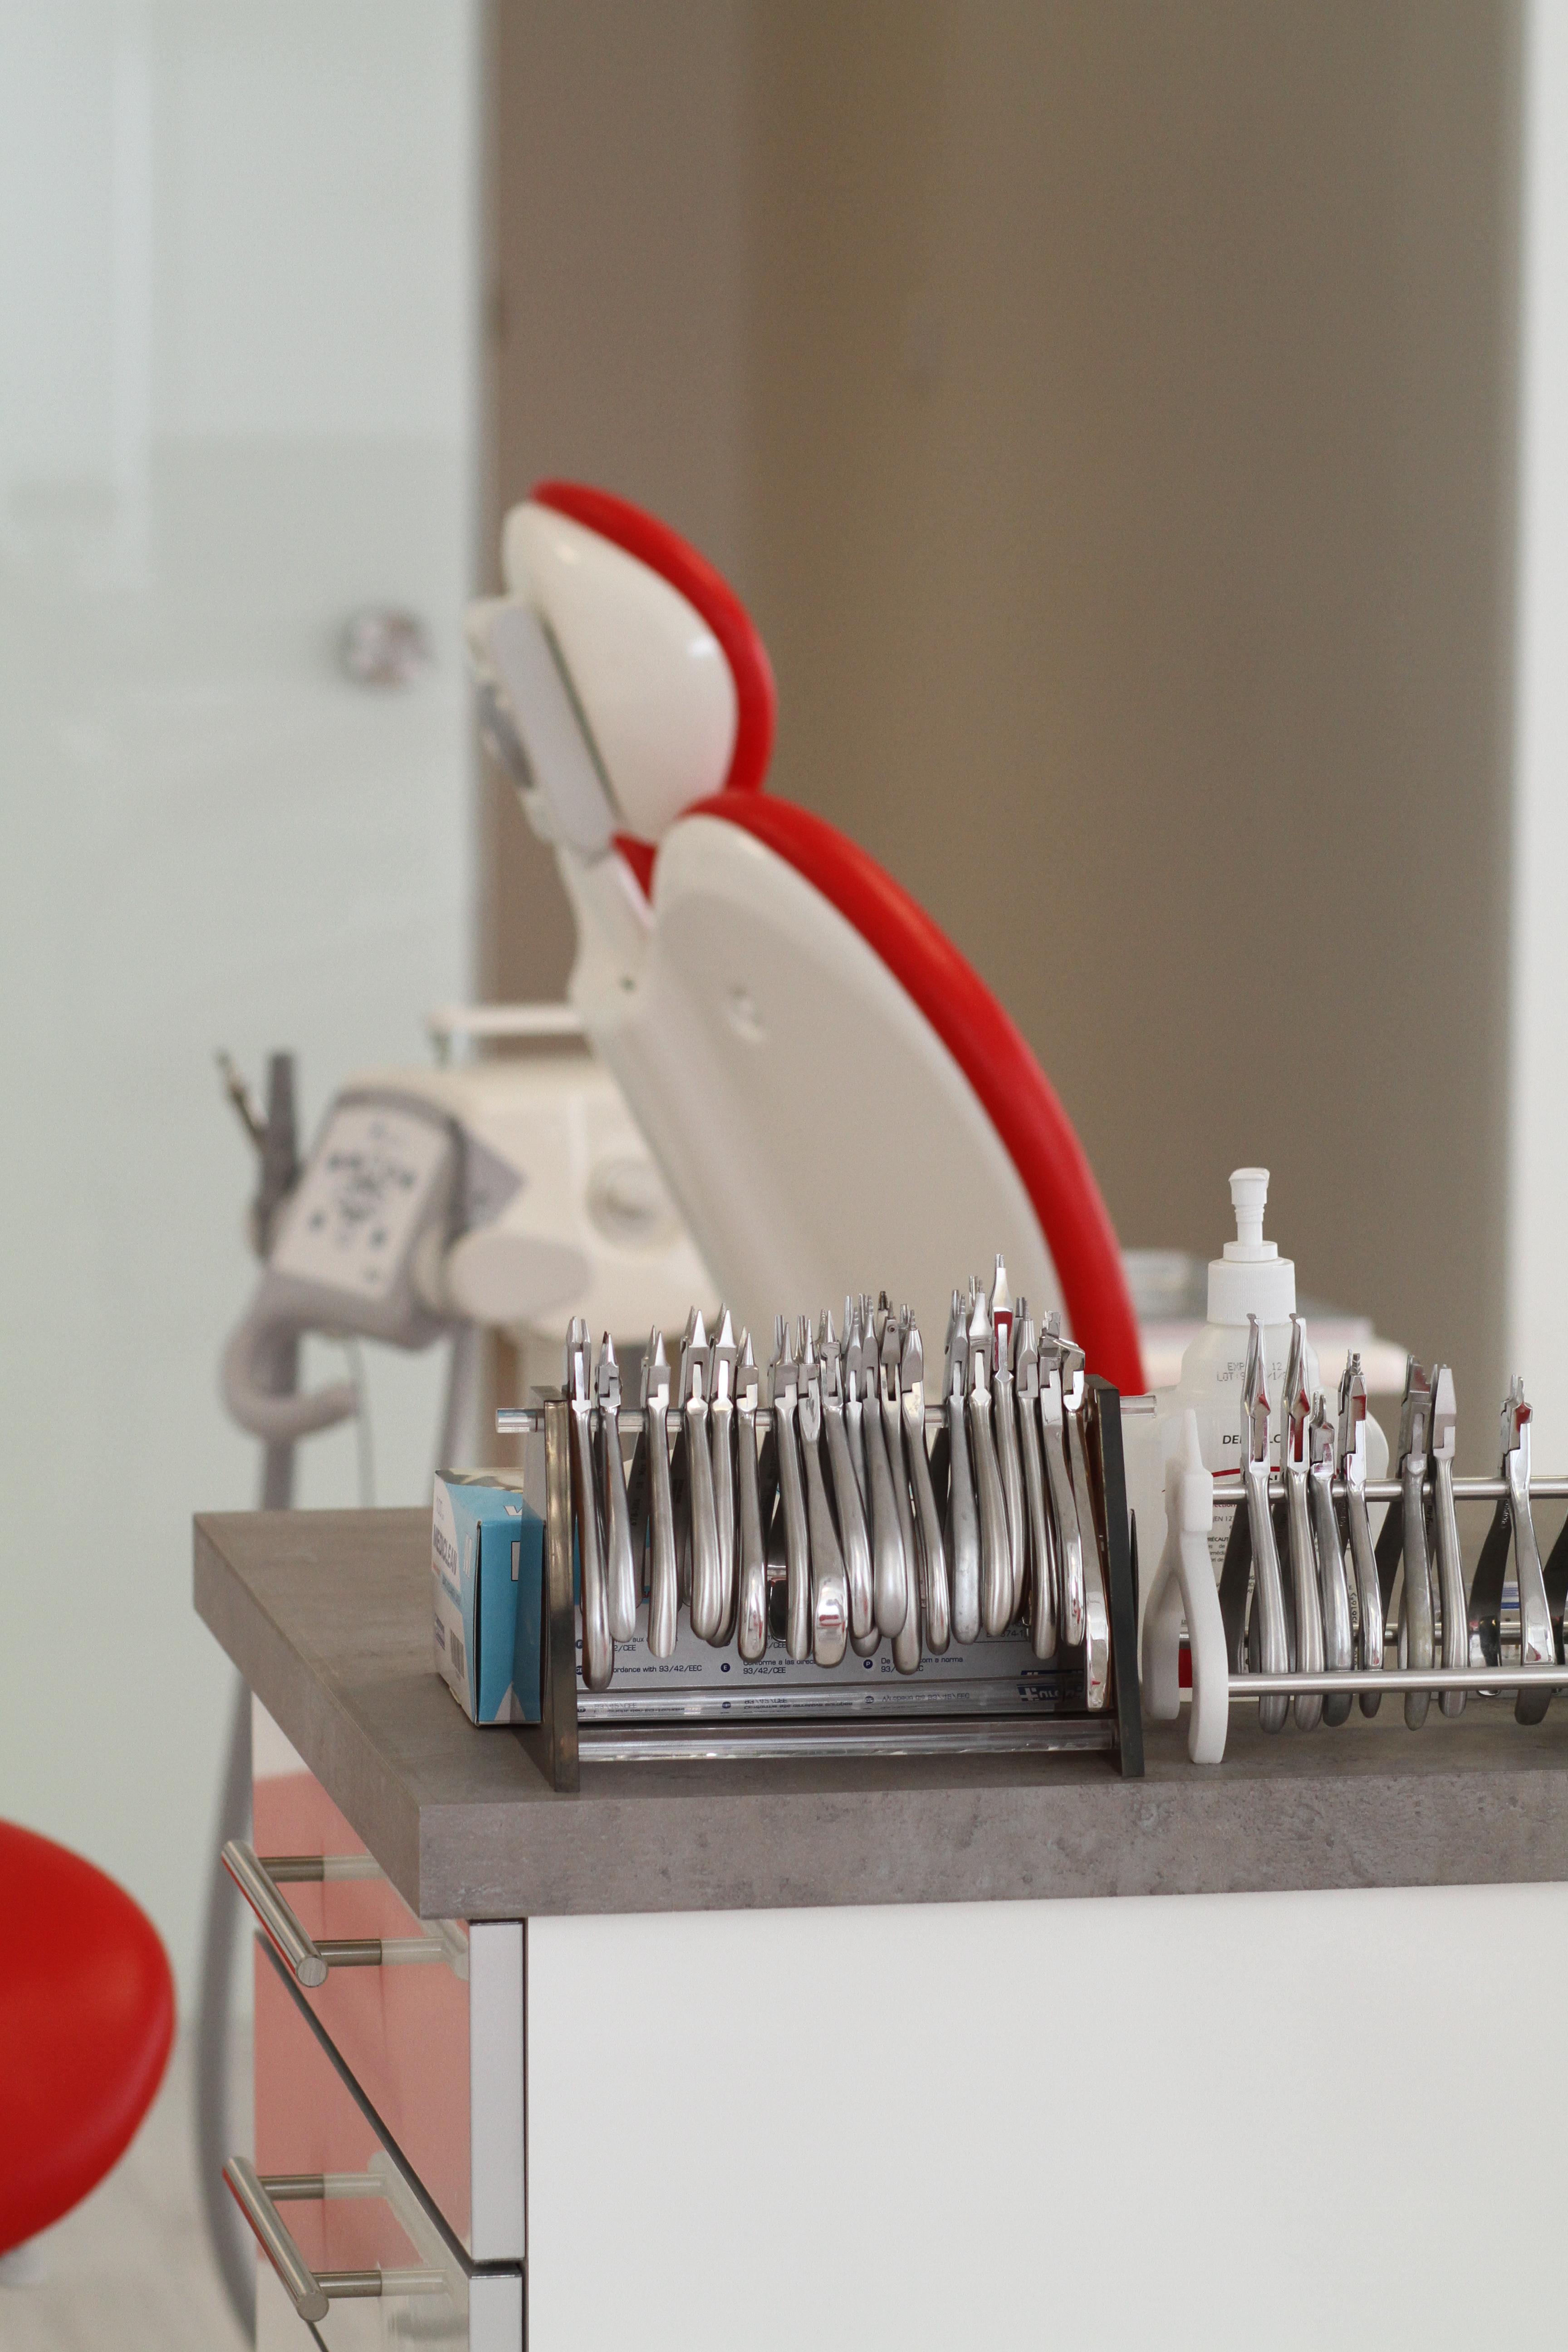 Le cabinet dr soubri orthodontiste voisins le - Cabinet medical montigny le bretonneux ...